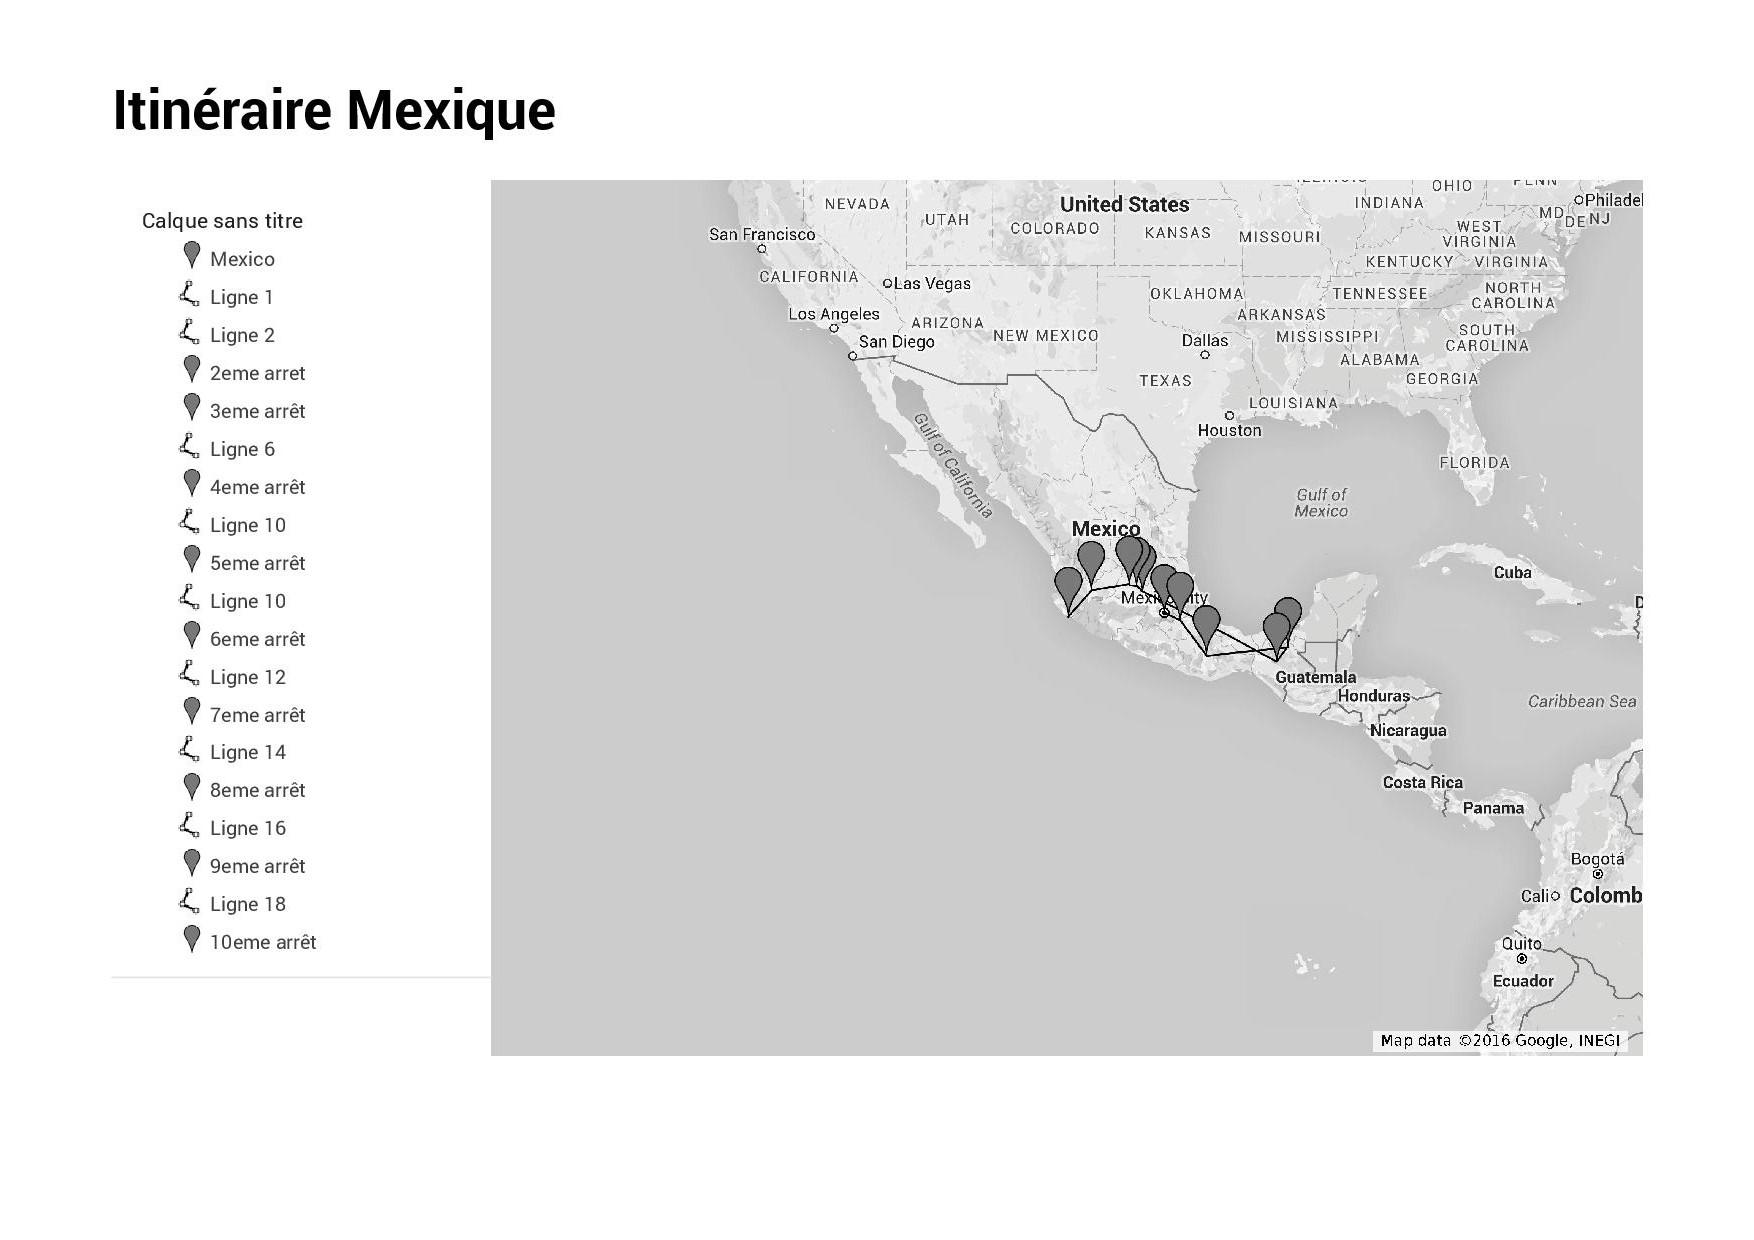 Itinéraire Mexique Juin 2016